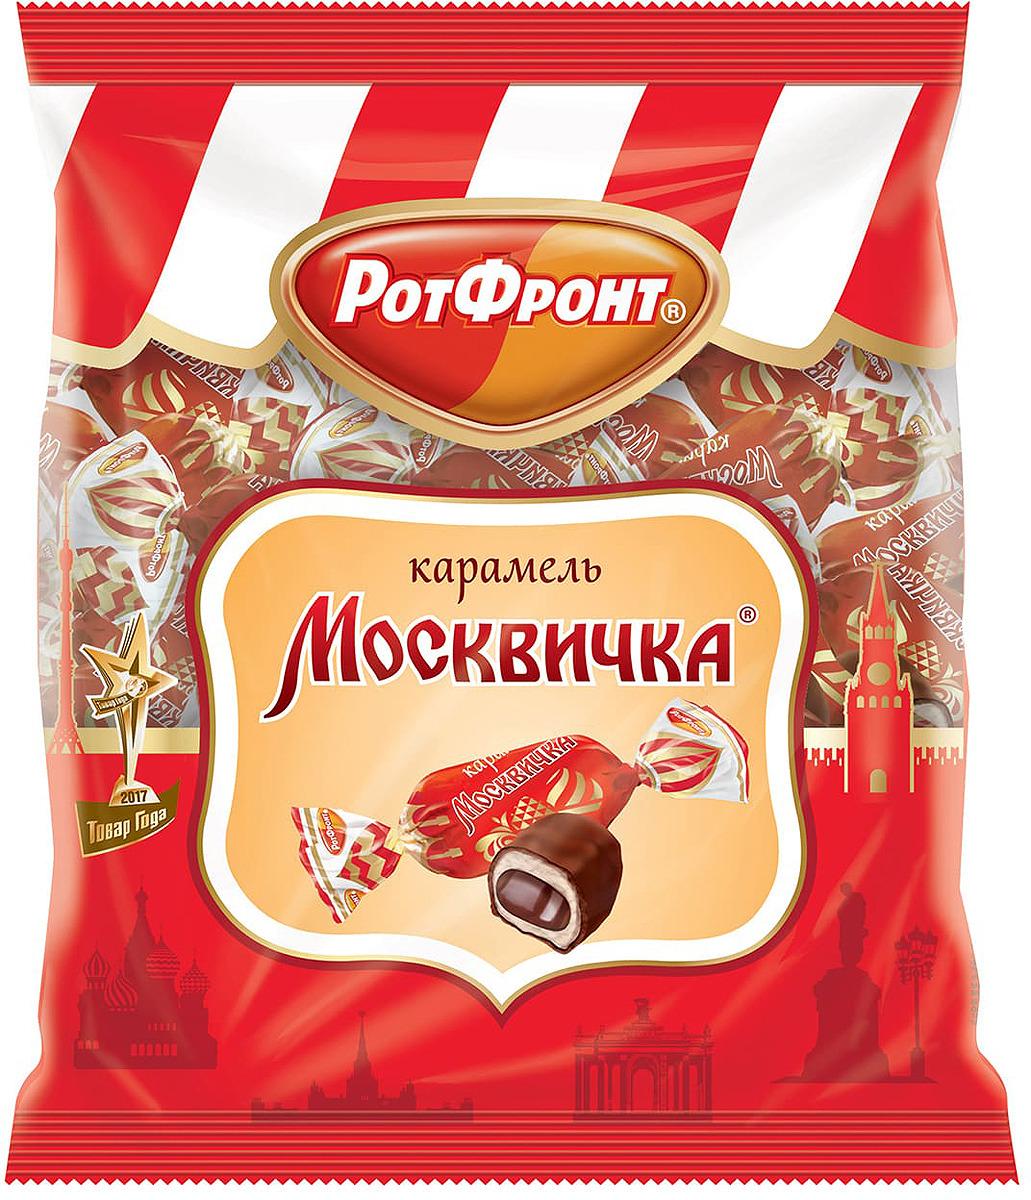 Карамель Рот Фронт Москвичка в шоколаде, 250 г медвеган конфеты глазированные арахис в мягкой карамели 345 г